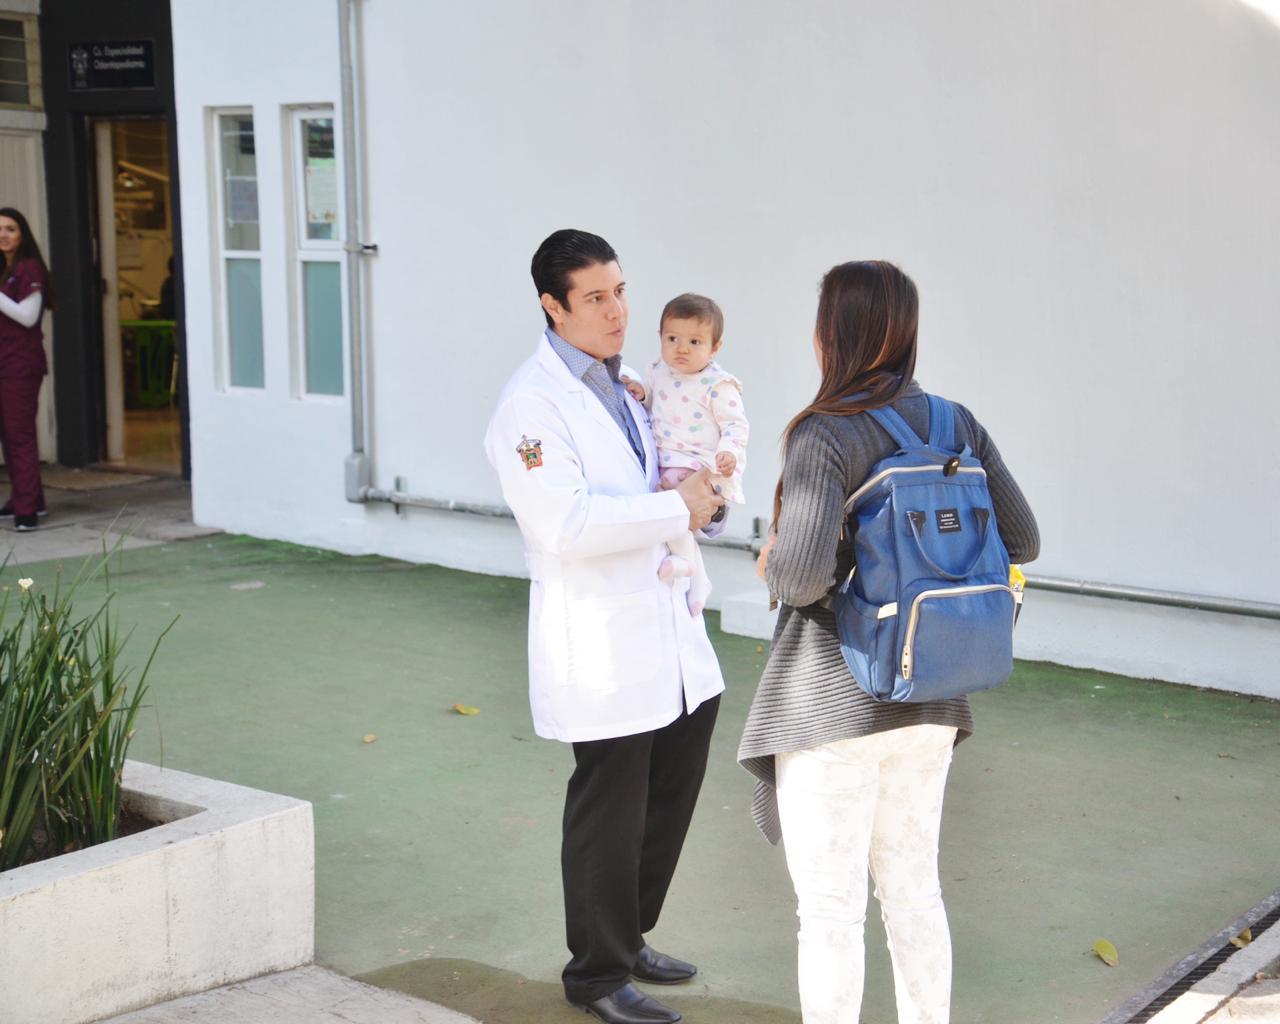 Coordinador Especialidad en Odontopediatría, cargando a una bebé y recibiendo a una mamá en la clínica